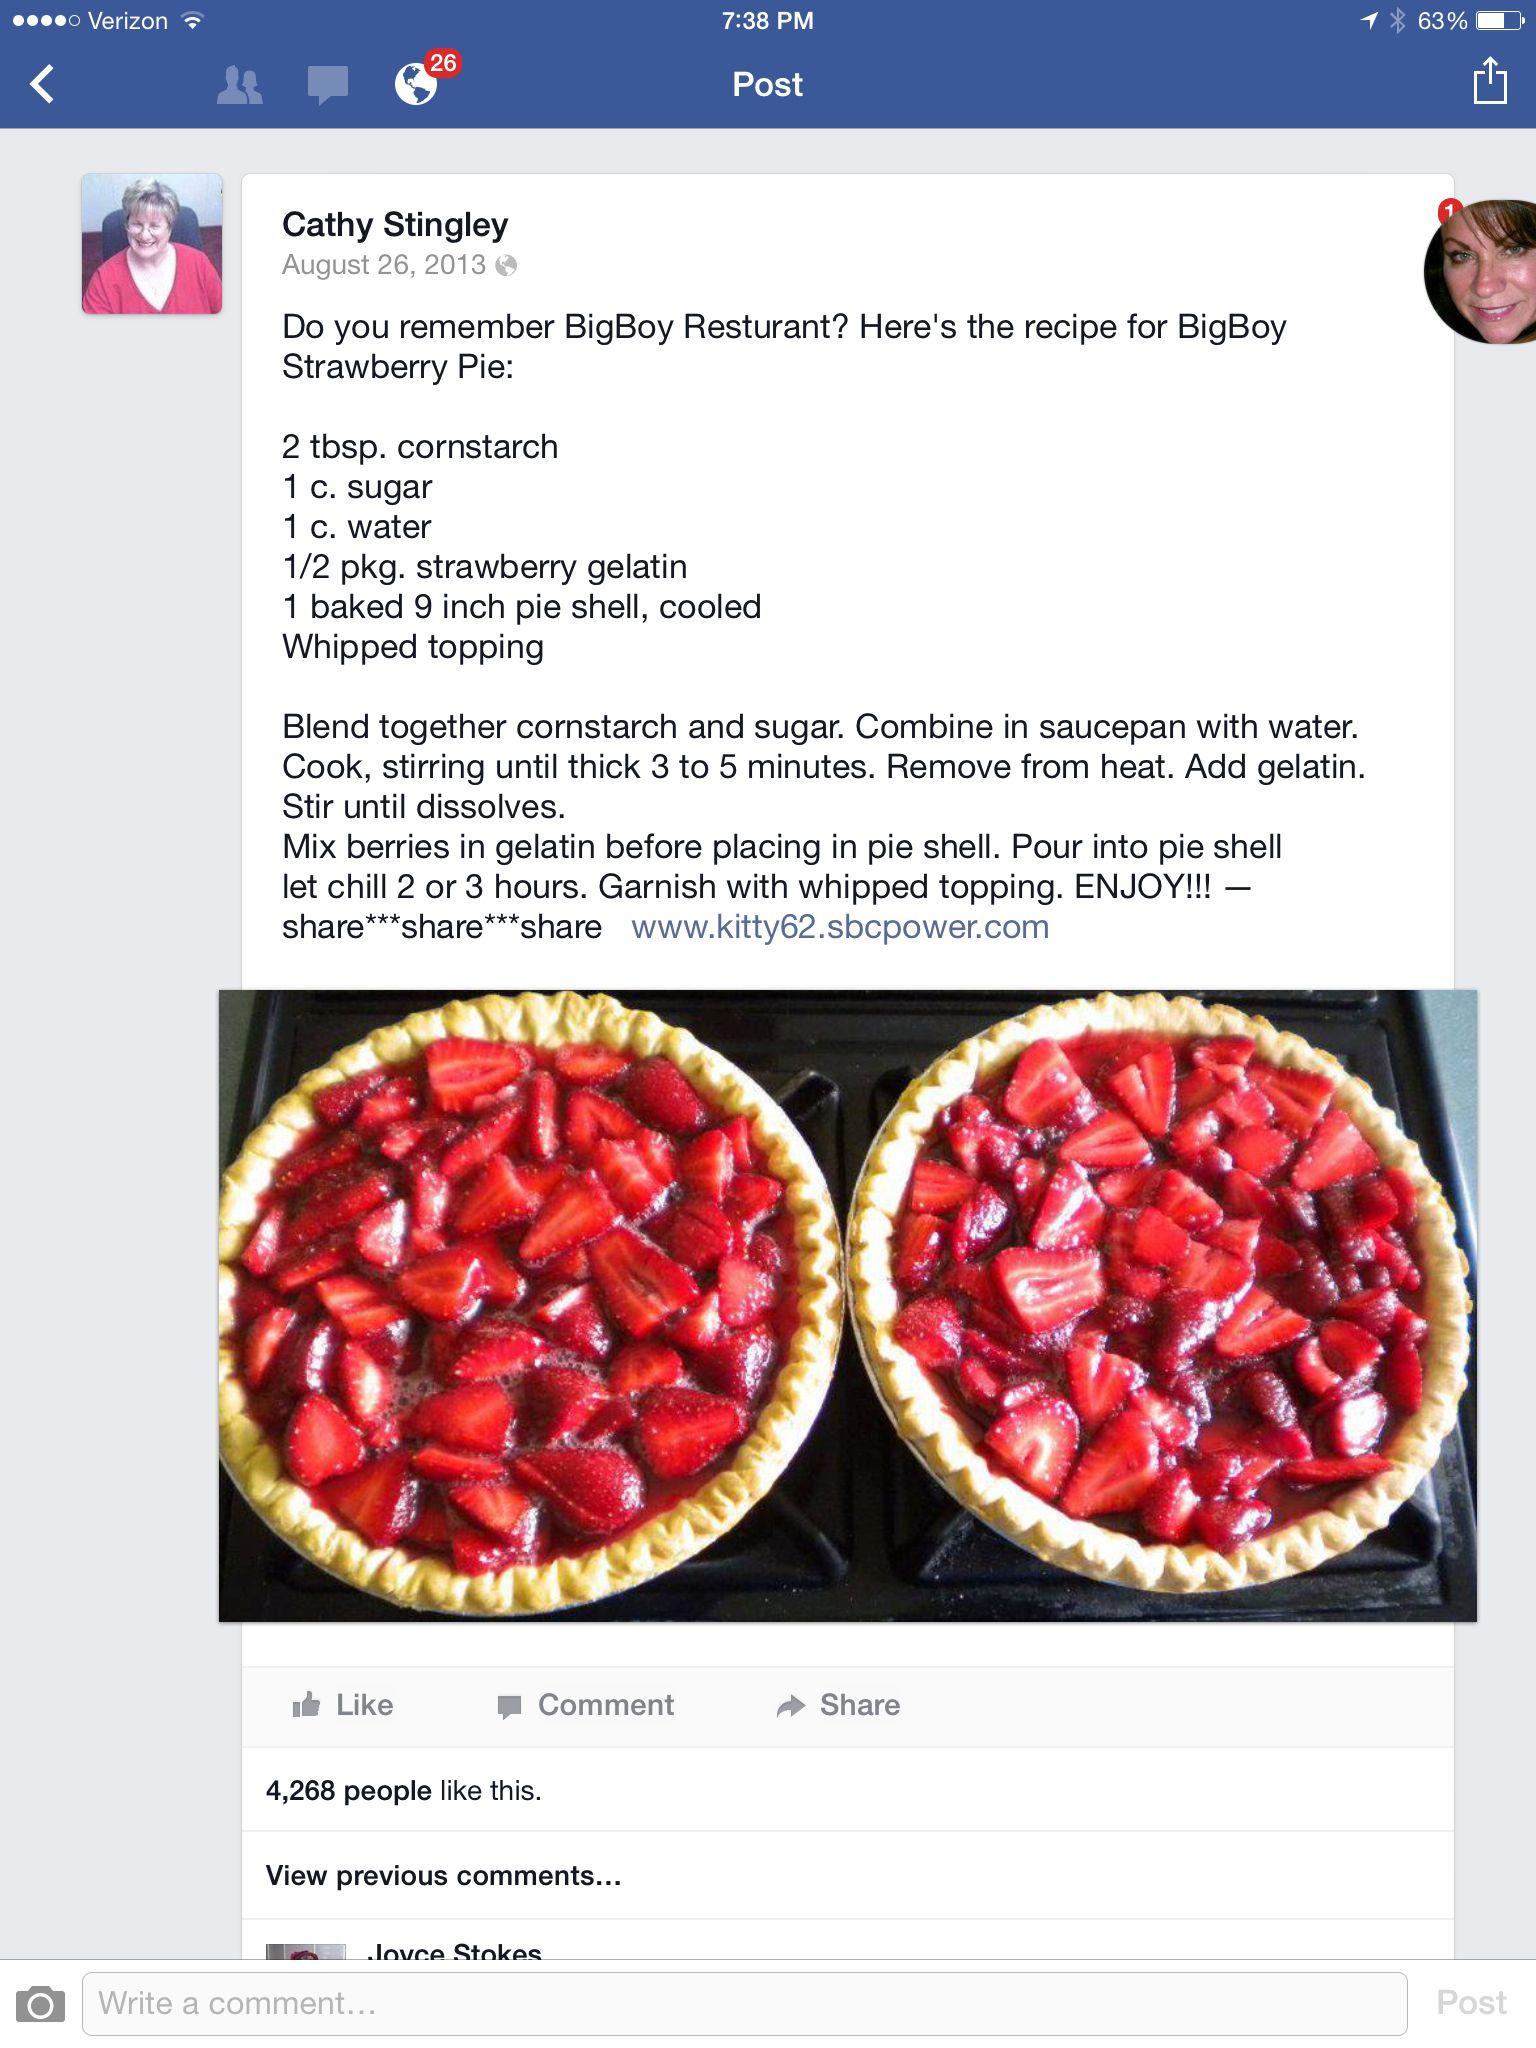 Strawberry Pie, just like Big Boys